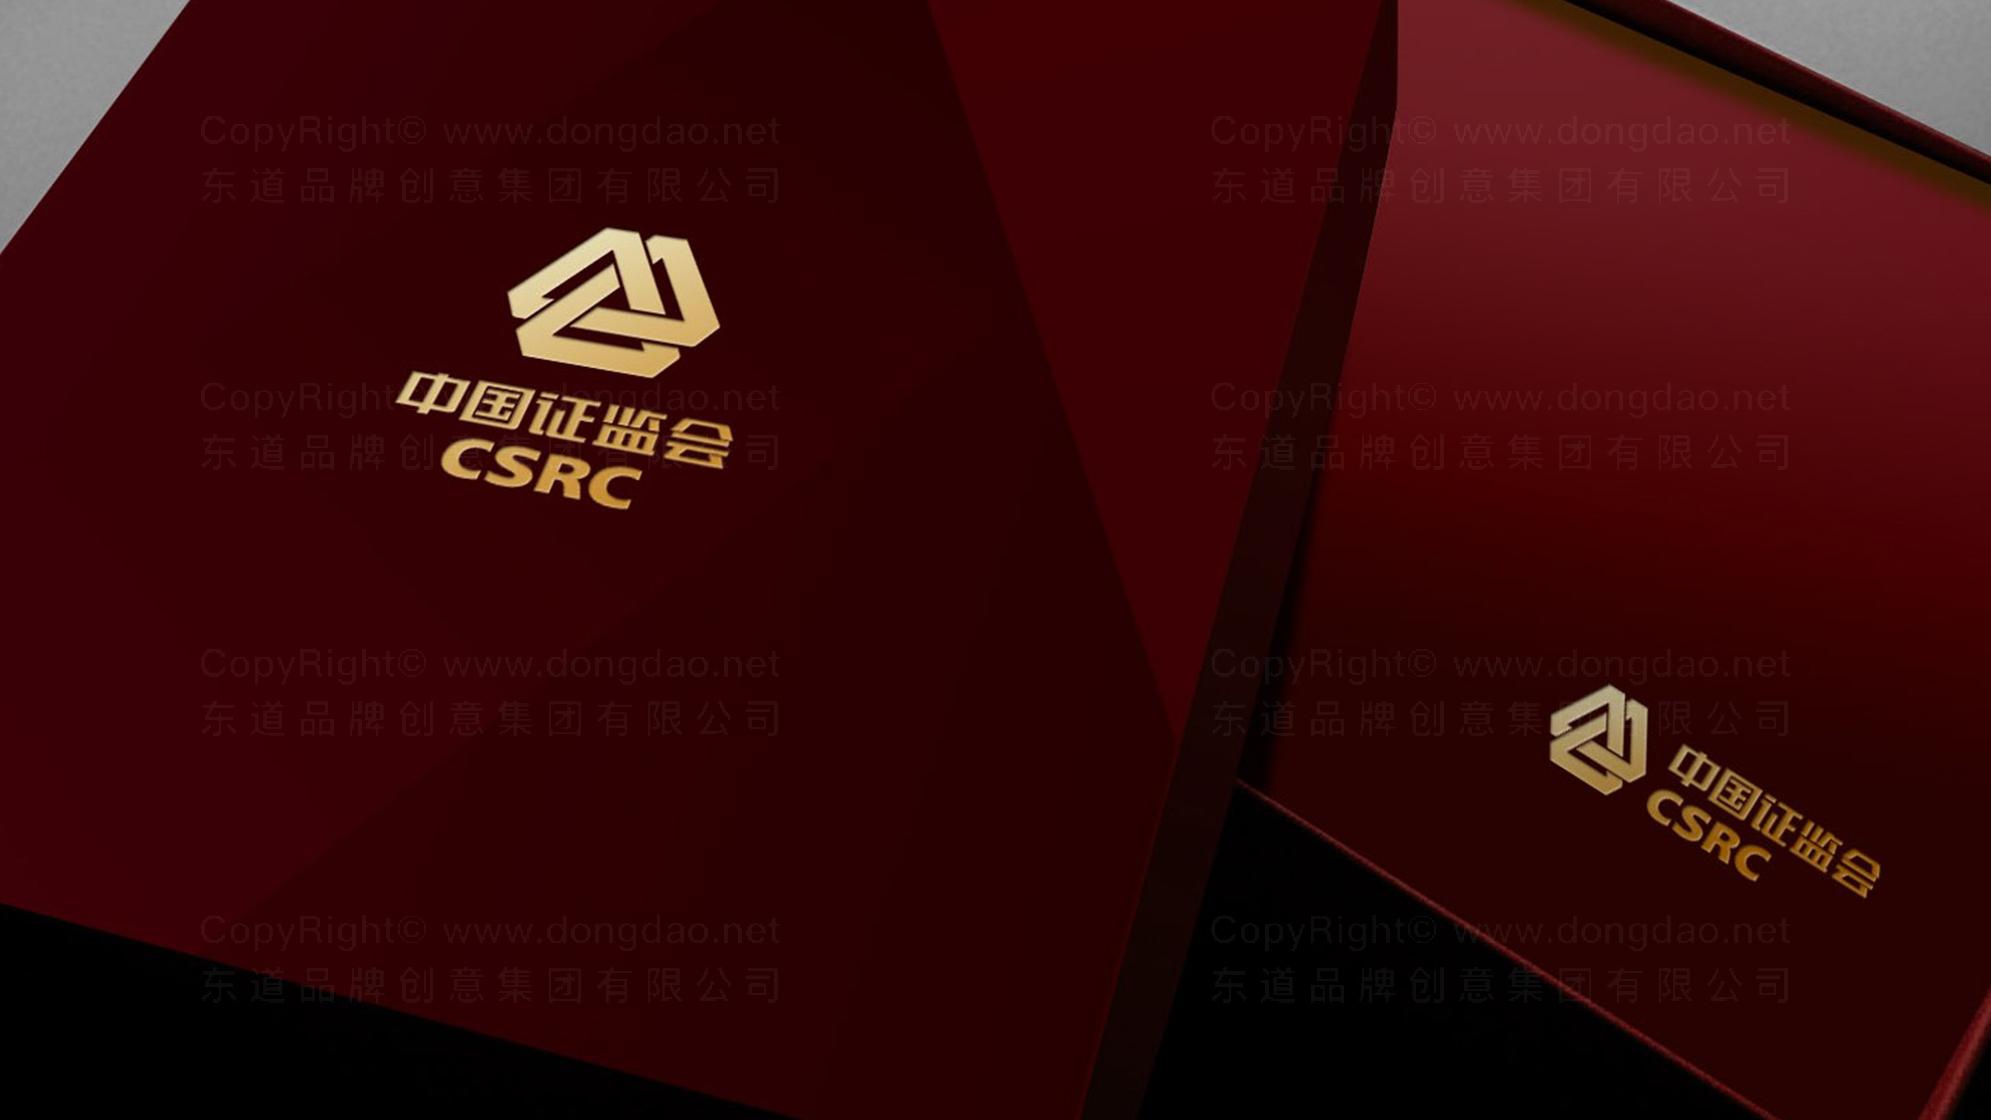 品牌设计中国证监会LOGO&VI设计应用场景_12